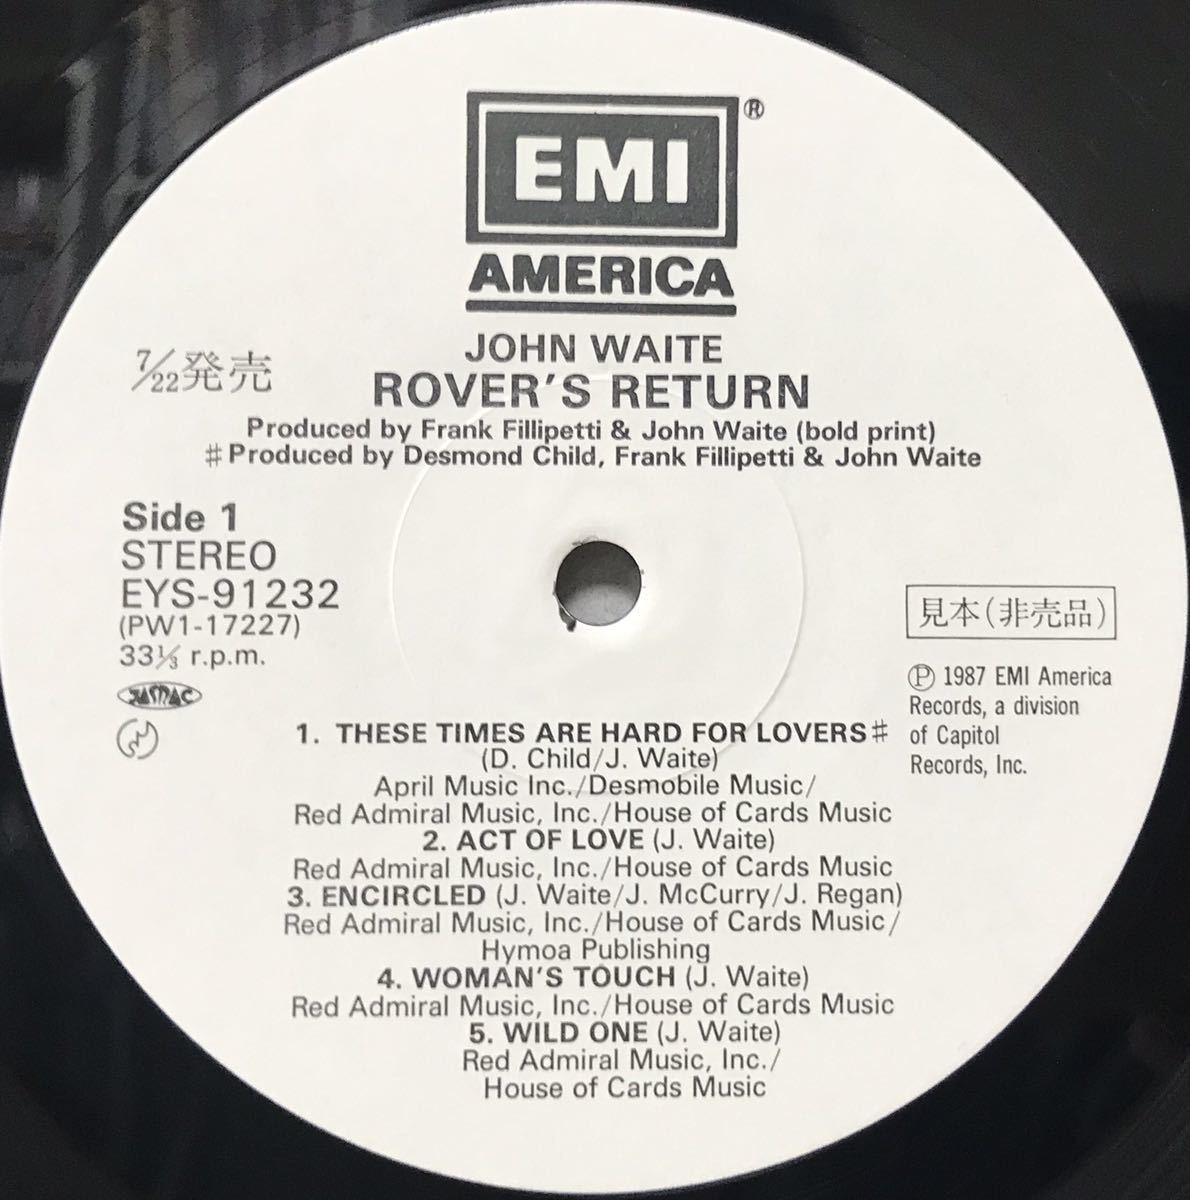 見本盤 JOHN WAITE / ROVER'S RETURN アルバム 12inchサイズのレコード その他にもプロモーション盤 レア盤 人気レコード 多数出品中_画像2